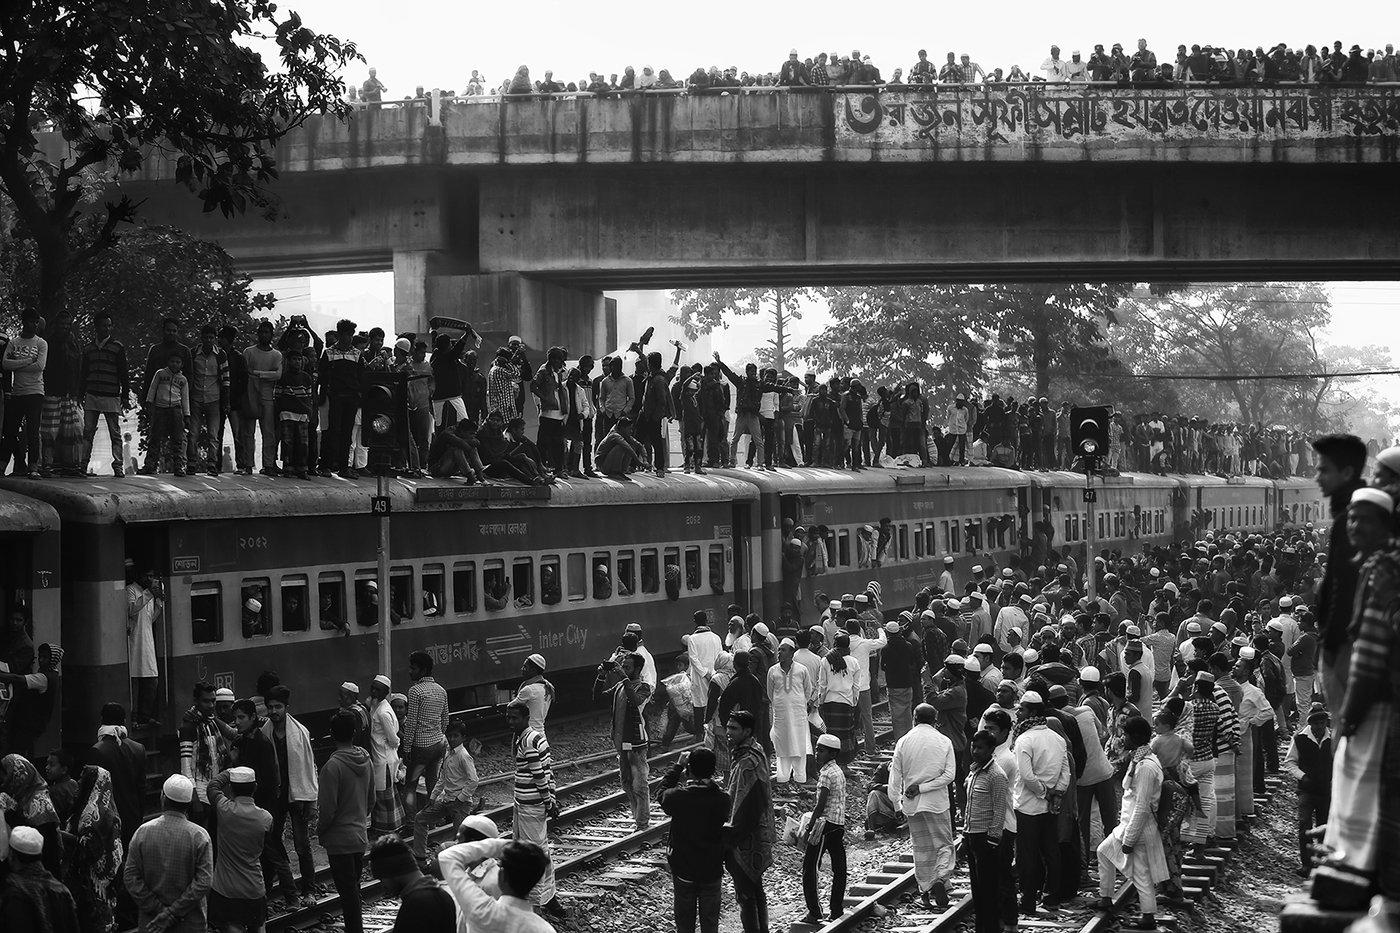 бангладеш, дака, движение, дорога, крыша, мусульмане, вокзал, толпа, поезд, прибытие, мост, праздник, народ, Alla Sokolova